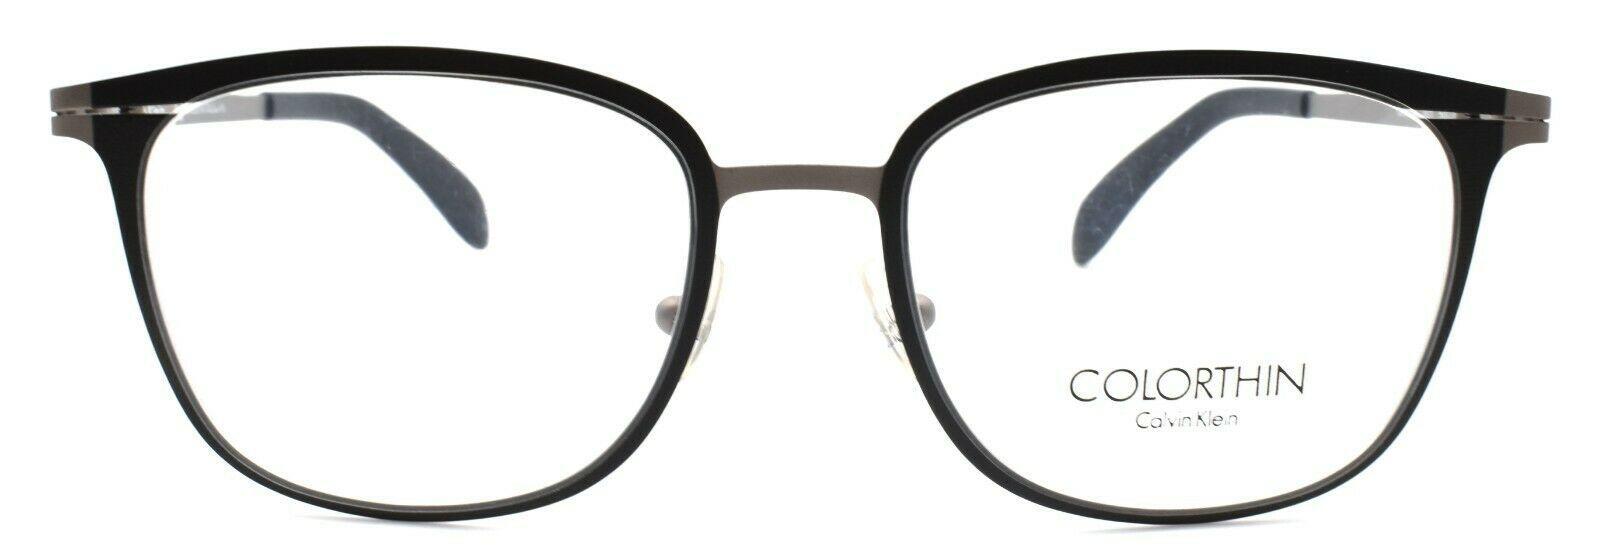 Calvin Klein CK5425 001 Women's Eyeglasses Frames 50-18-135 Black ITALY